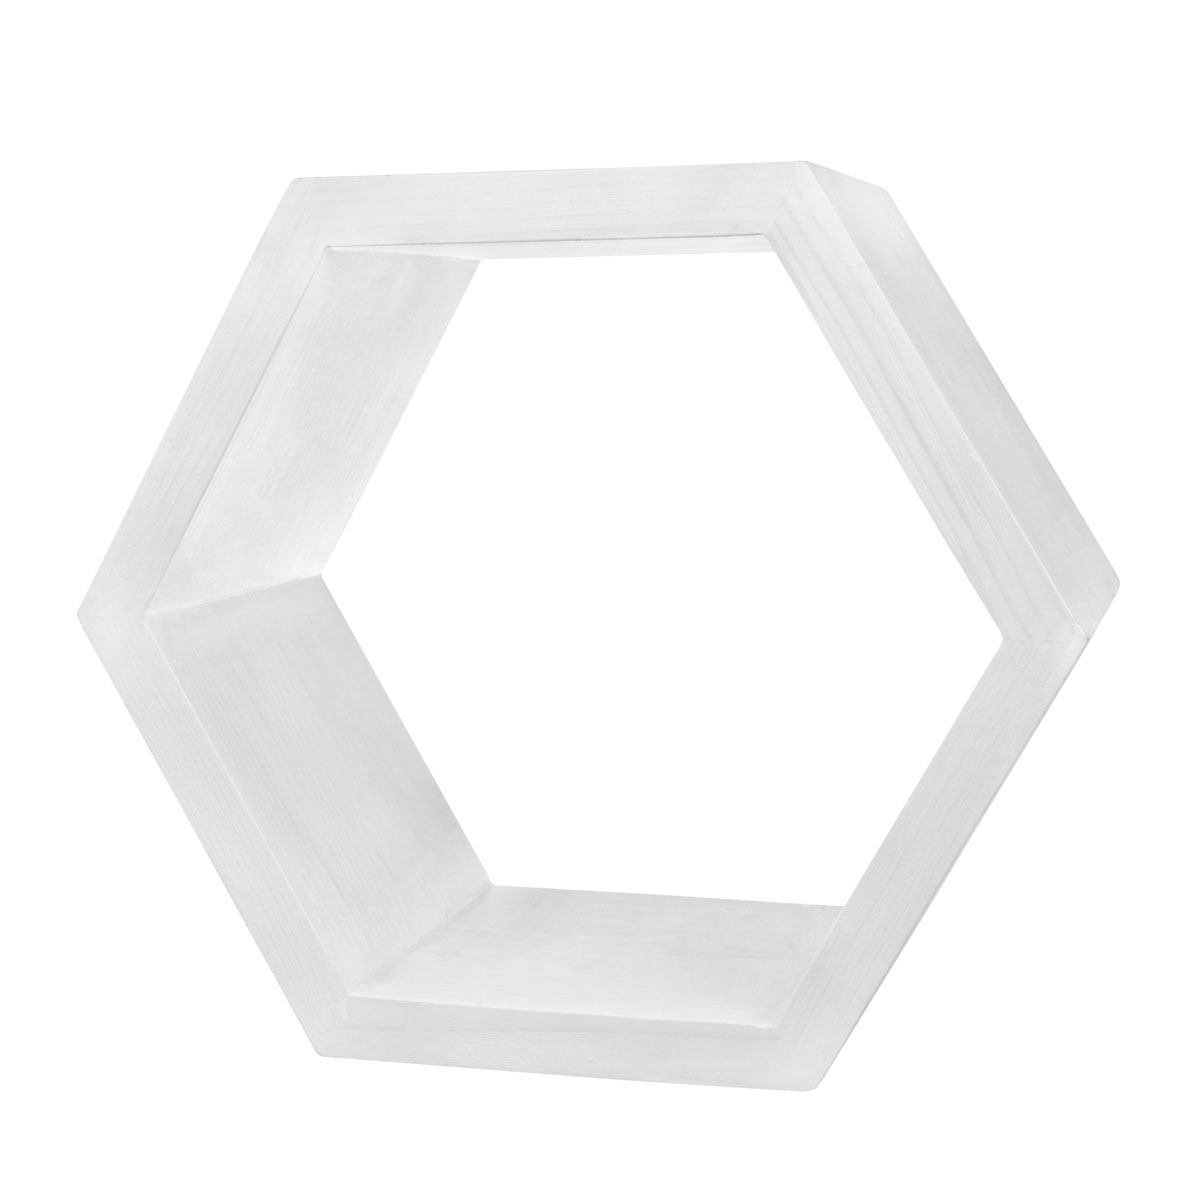 """Оригинальная деревянная полка-шестигранник """"EcoWoo"""" - отличное решение для декорирования комнаты. Несколько полок можно складывать в причудливые сочетания, ограниченные только вашей фантазией. Любой цвет и размер. Станьте креативными дизайнерами своего жилого пространства!"""